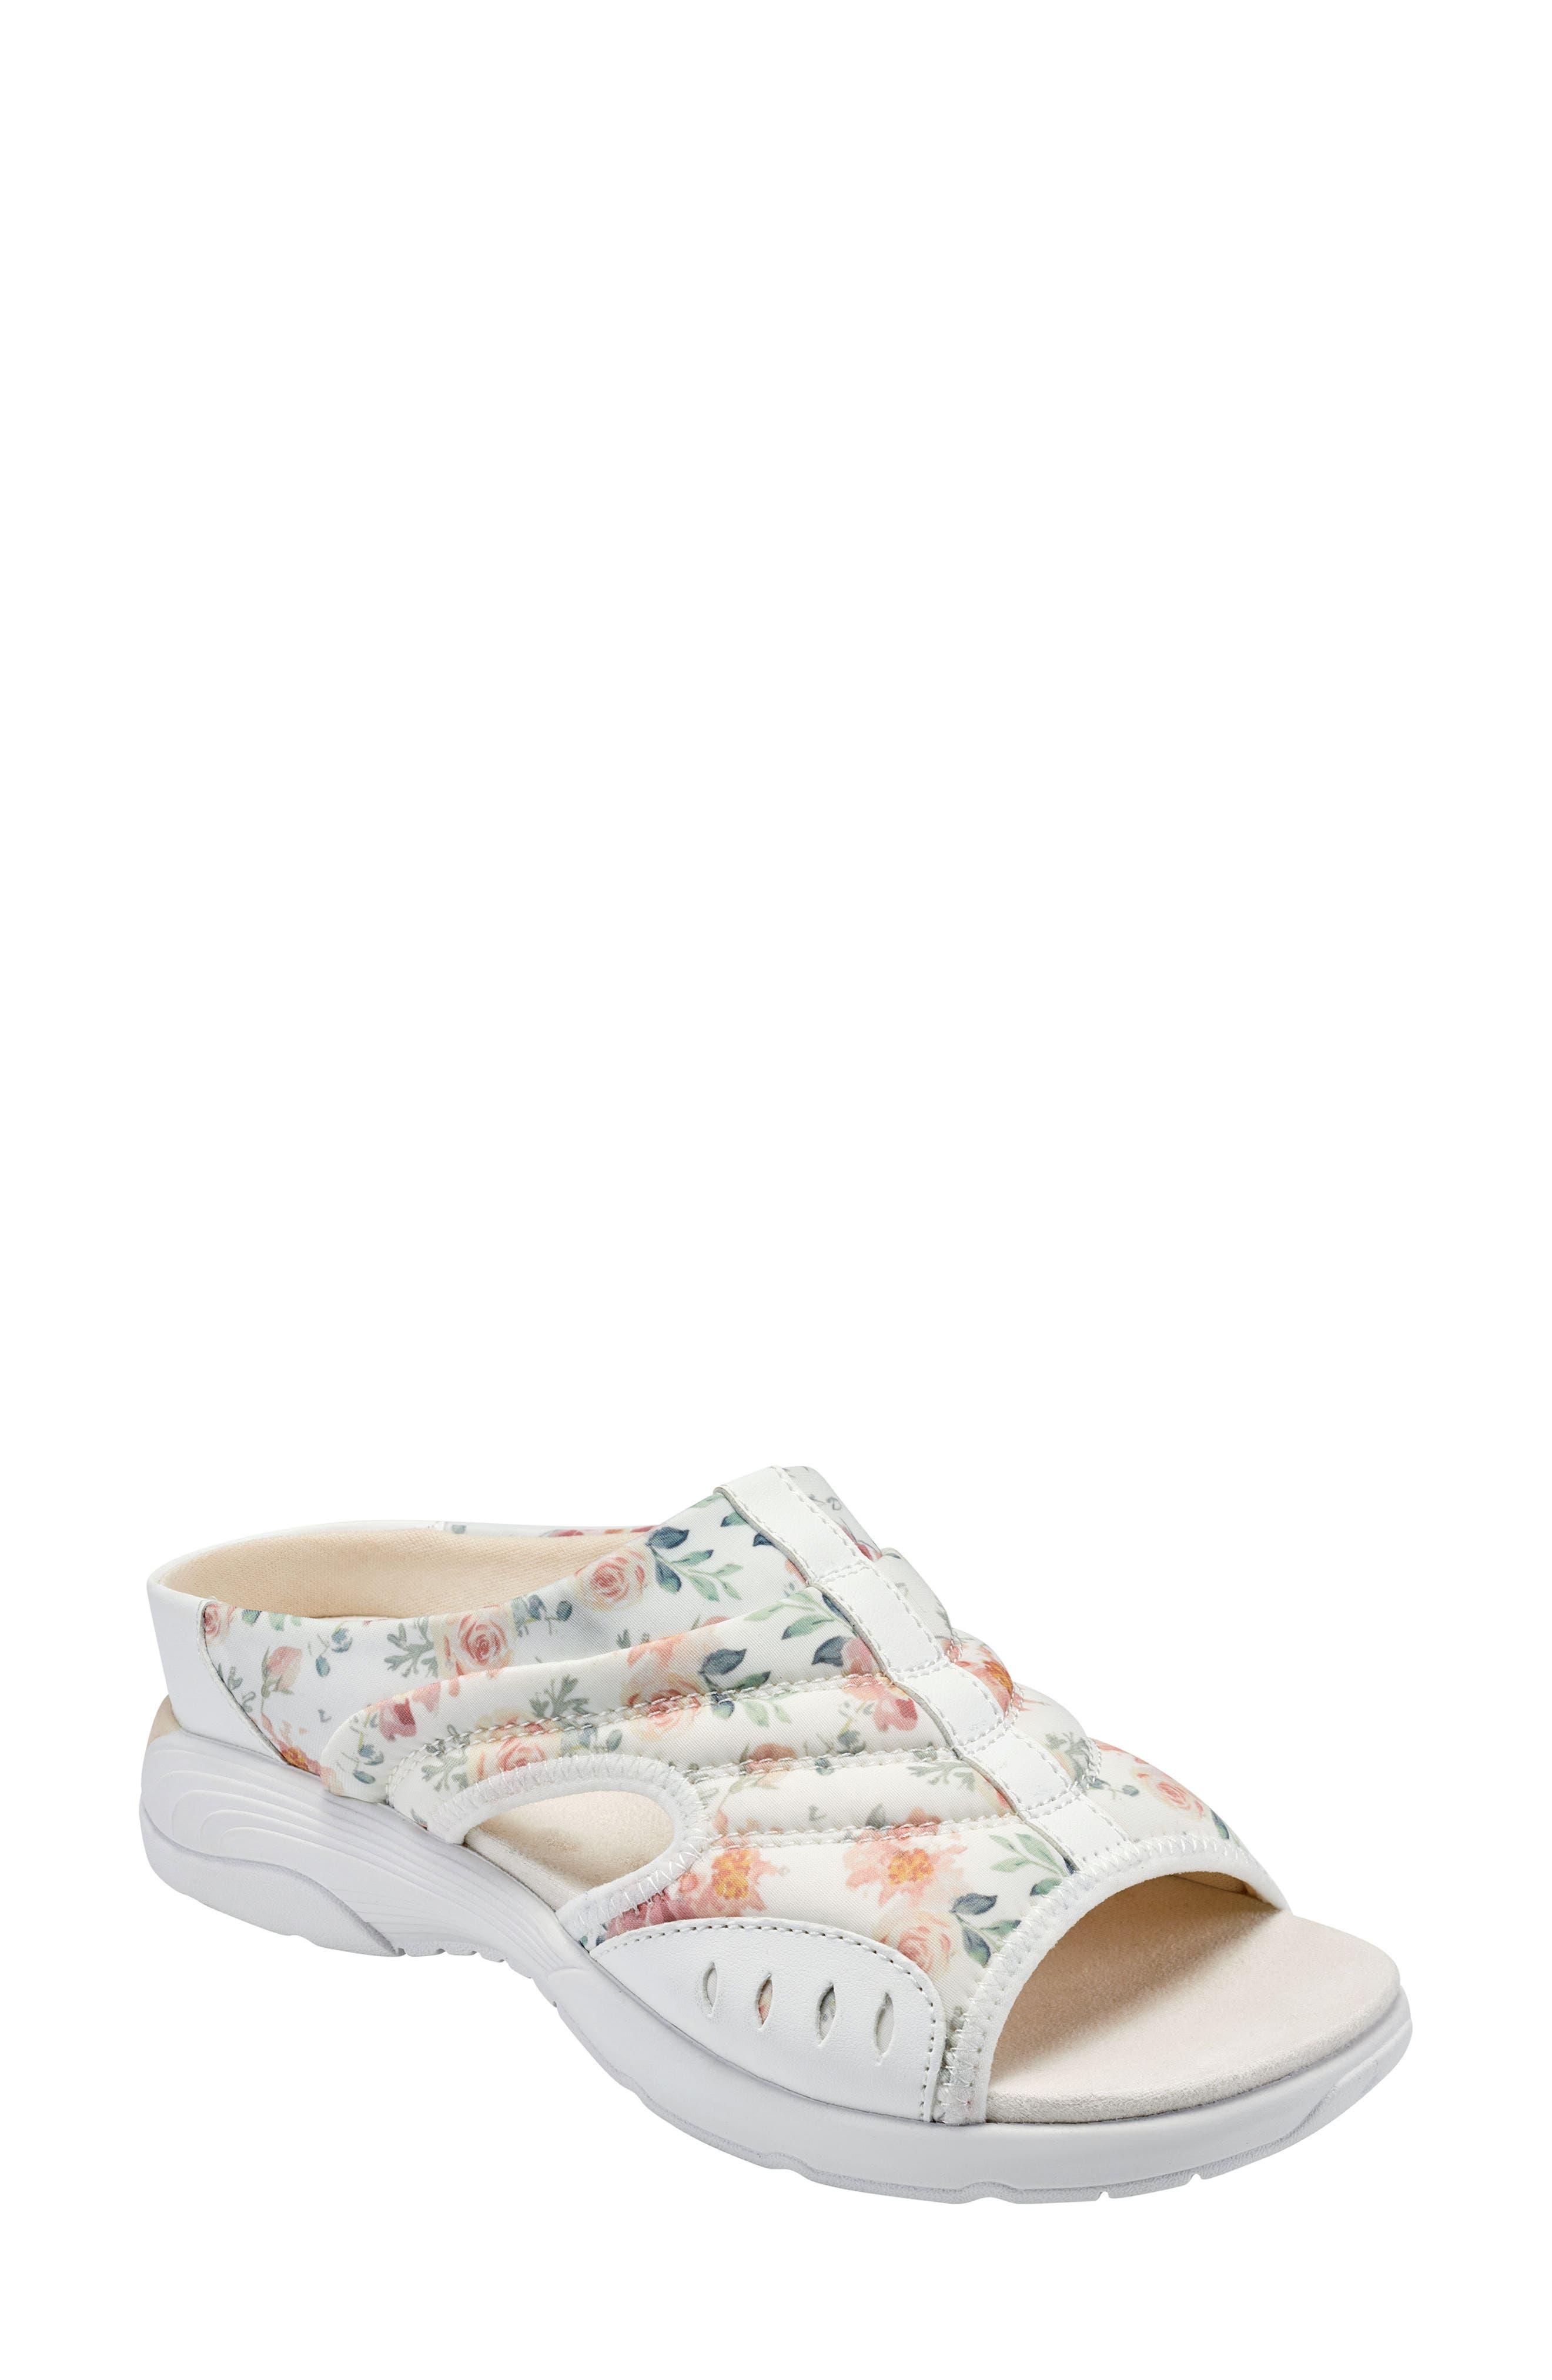 Traciee Slip-On Sandal